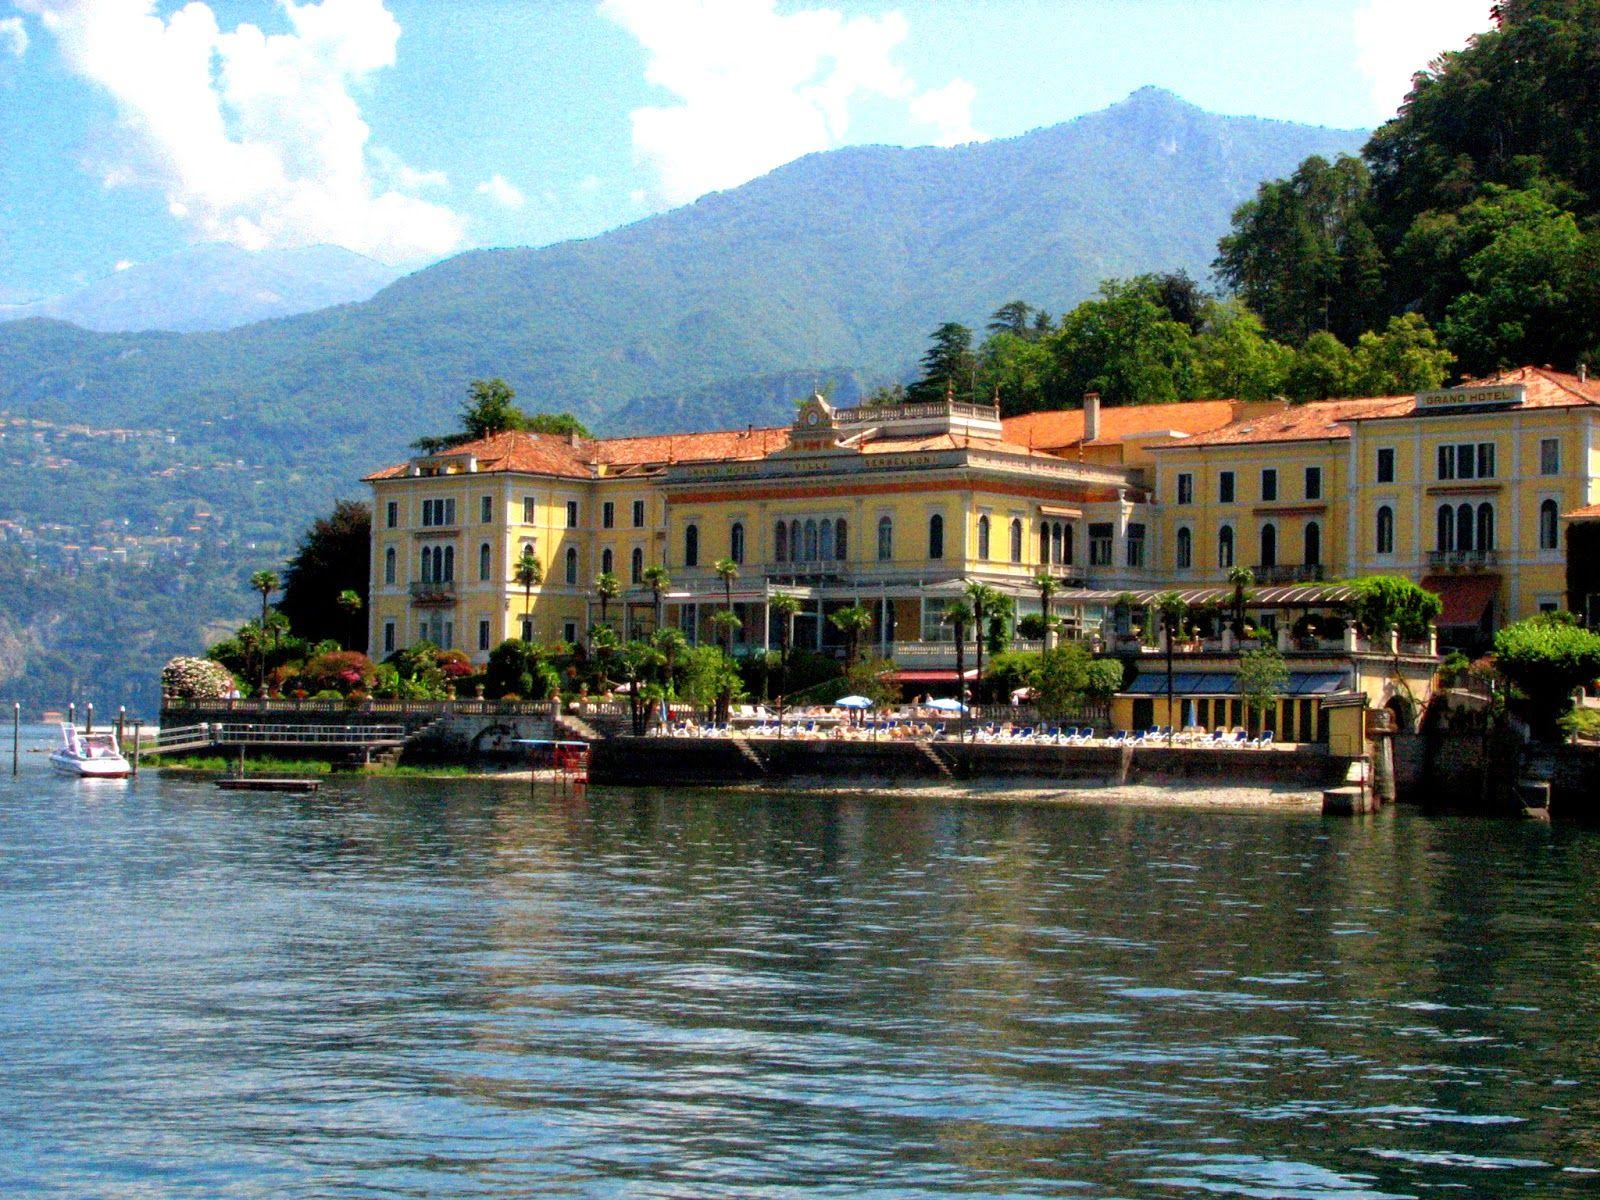 The Big Picture Grand Hotel Villa Serbelloni Bellagio